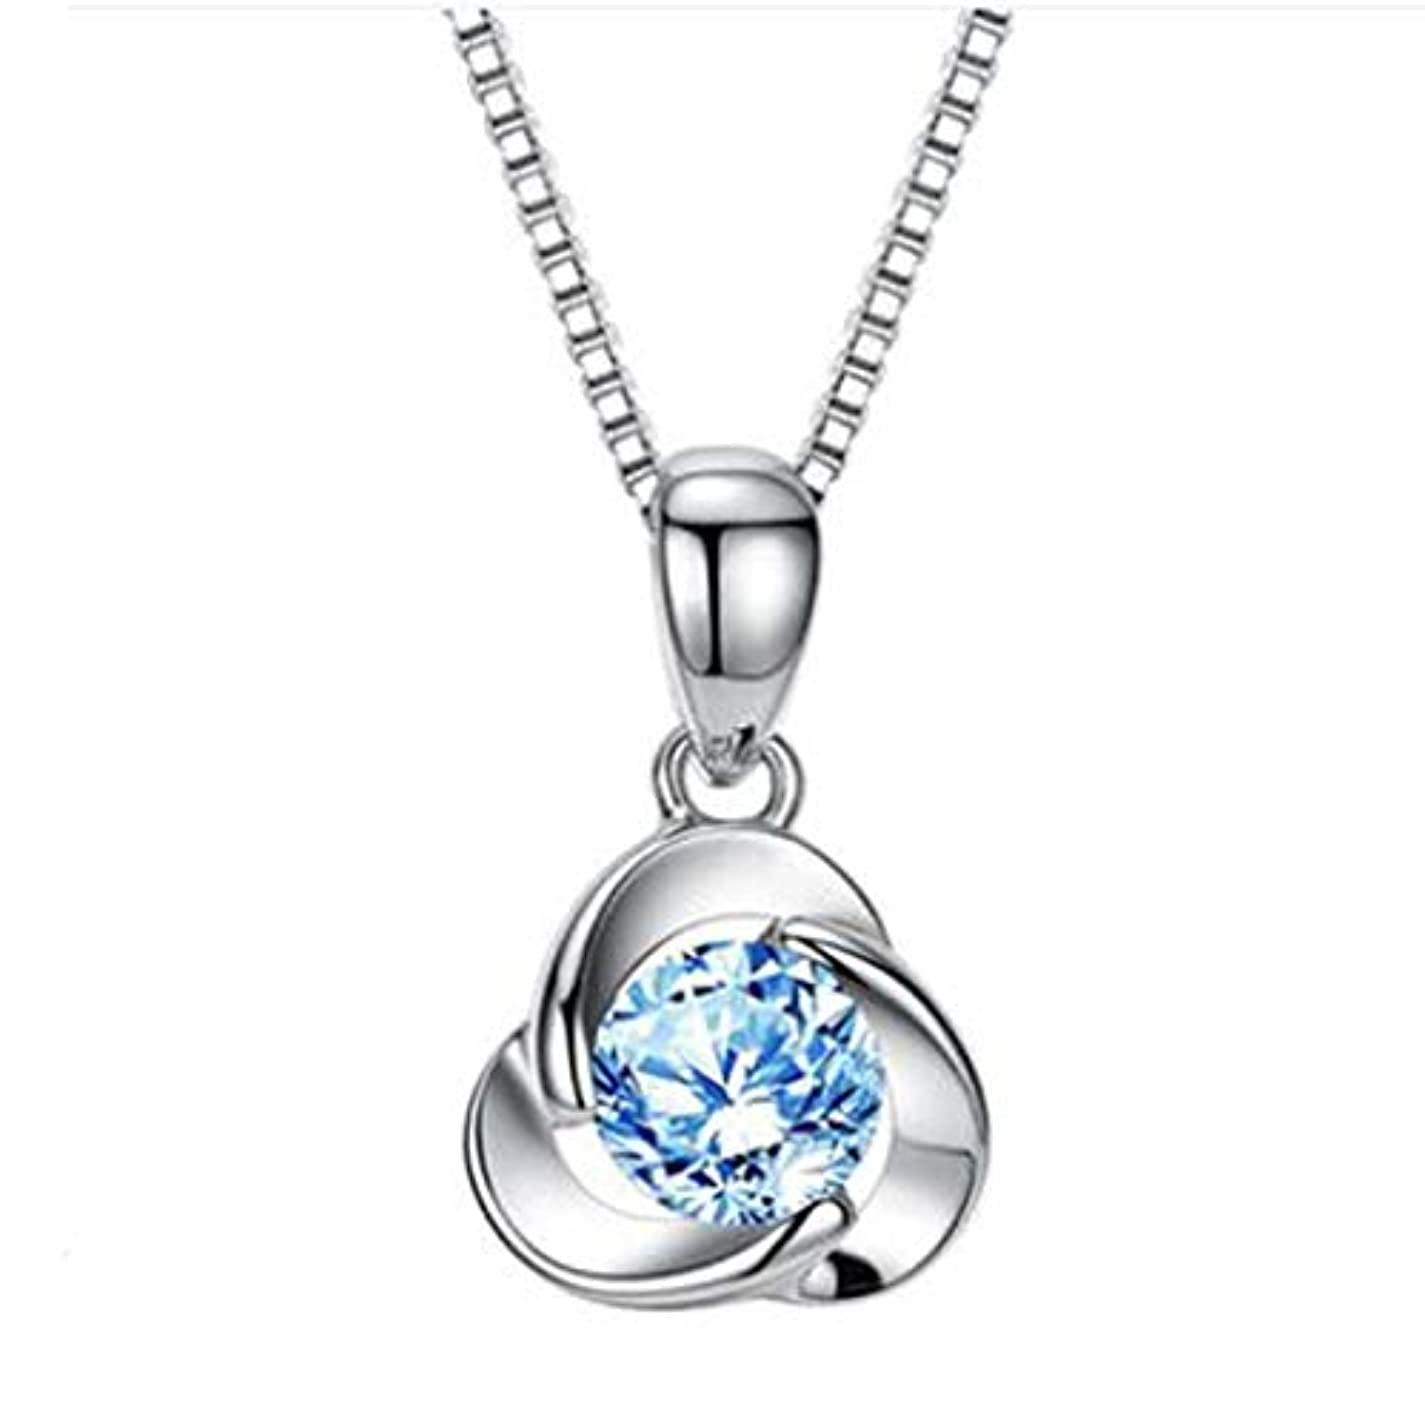 あいさつ古くなったオンスKaiyitong01 ガールフレンドの妻の誕生日プレゼントを送る女性実用クリエイティブロマンチックな特別な心小さな贈り物,絶妙なファッション (Color : Blue)